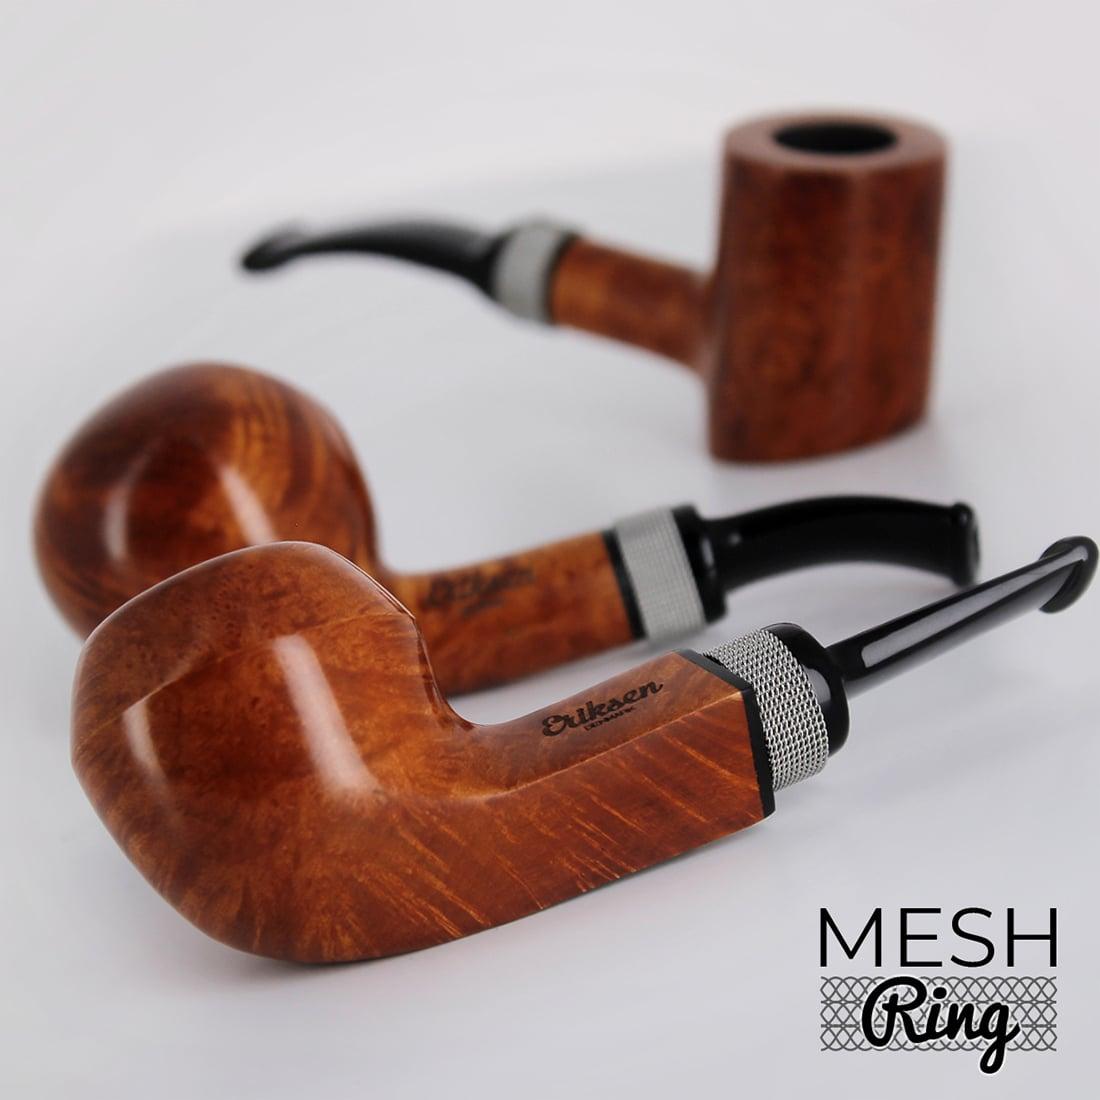 Photo #3 de Pipe Nording Eriksen Mesh Ring Courbée